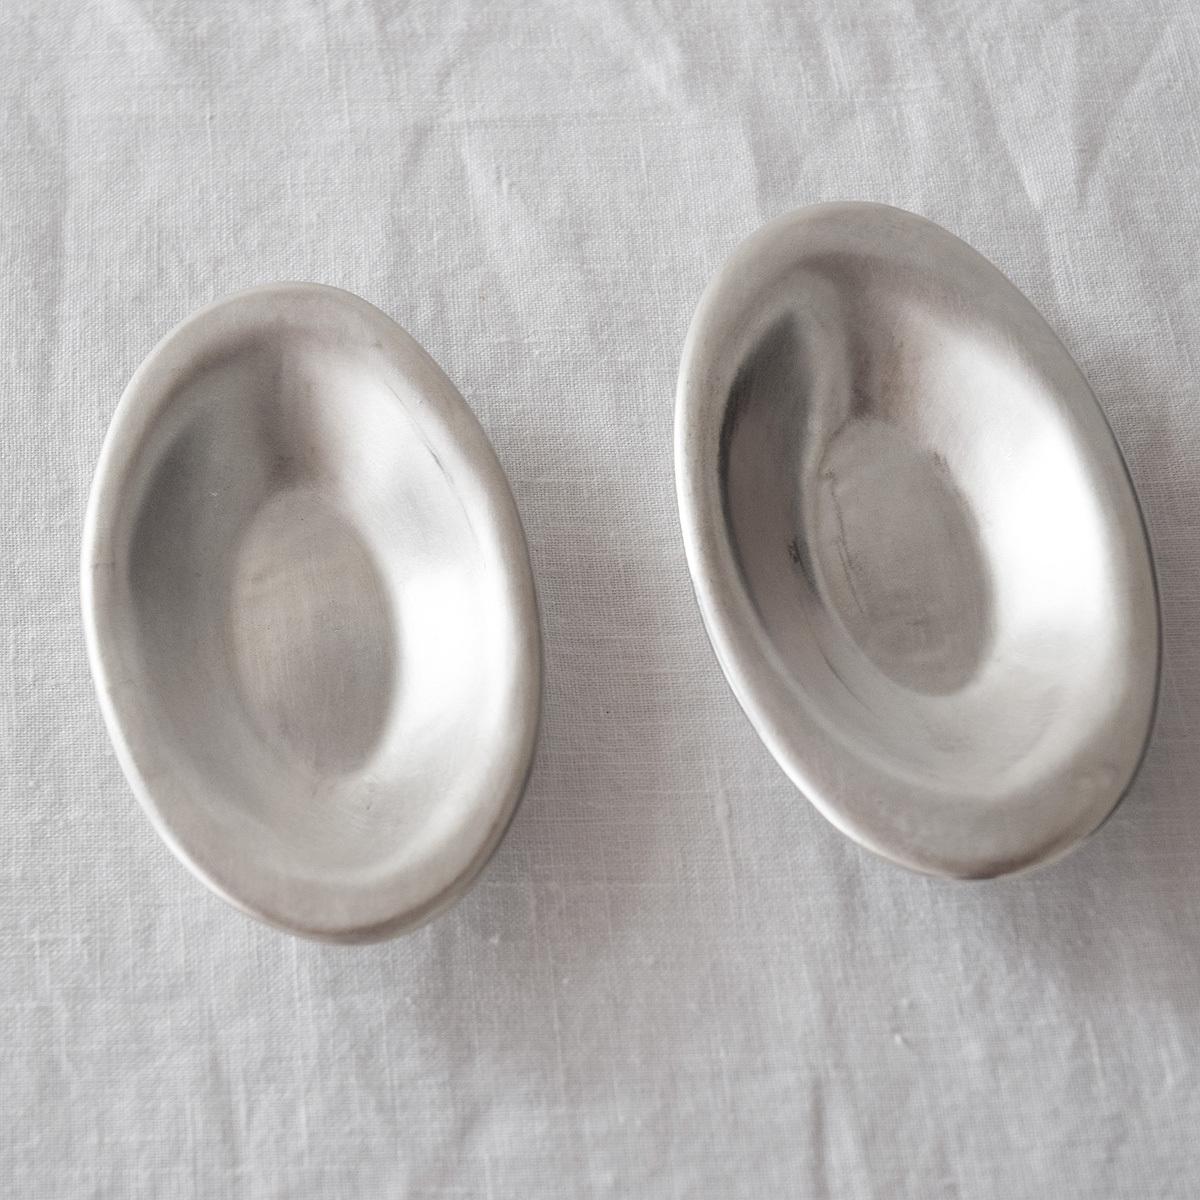 オノエコウタ Kota Onoe  銀葉型小皿